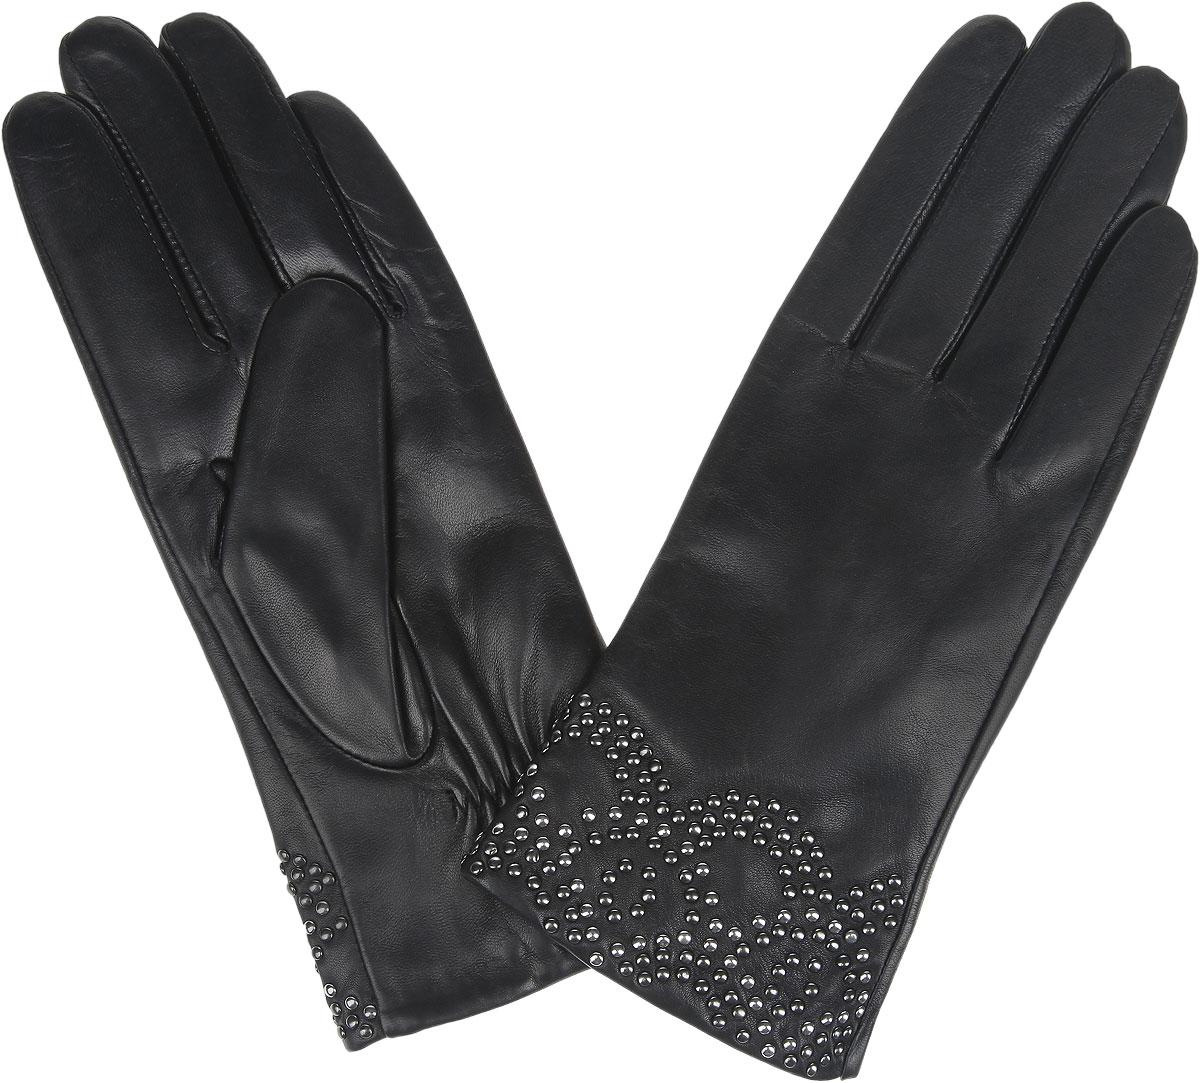 9.80-1_blackЖенские перчатки Fabretti не только защитят ваши руки от холода, но и станут стильным украшением вашего образа. Перчатки изготовлены из натуральной кожи на подкладке из шерсти с добавлением кашемира. Лицевая сторона модели декорирована по краю узором, выполненным из металлических клепок. Запястье оснащено небольшой резинкой, фиксирующей модель на руке. Перчатки Fabretti станут завершающим и подчеркивающим элементом вашего стиля.